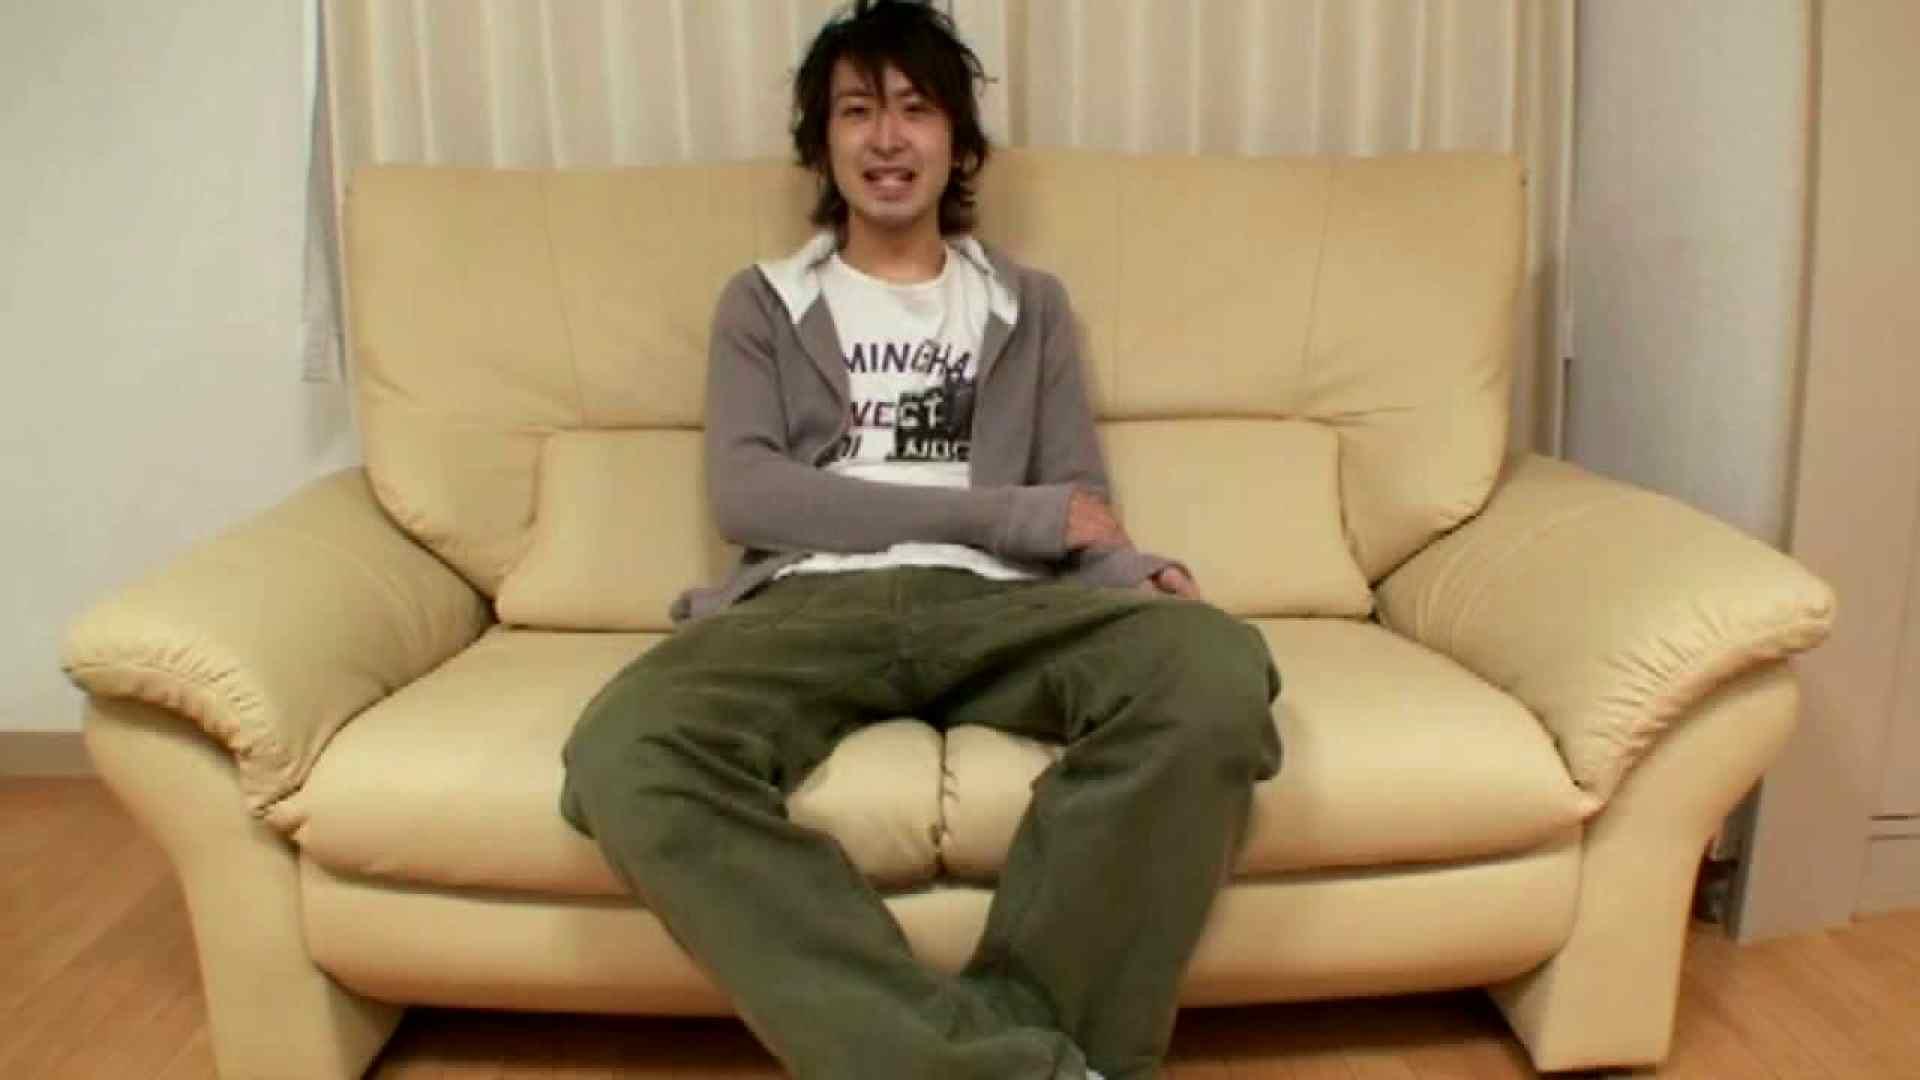 ノンケ!自慰スタジオ No.21 ローター天国 ゲイエロ動画 102枚 30